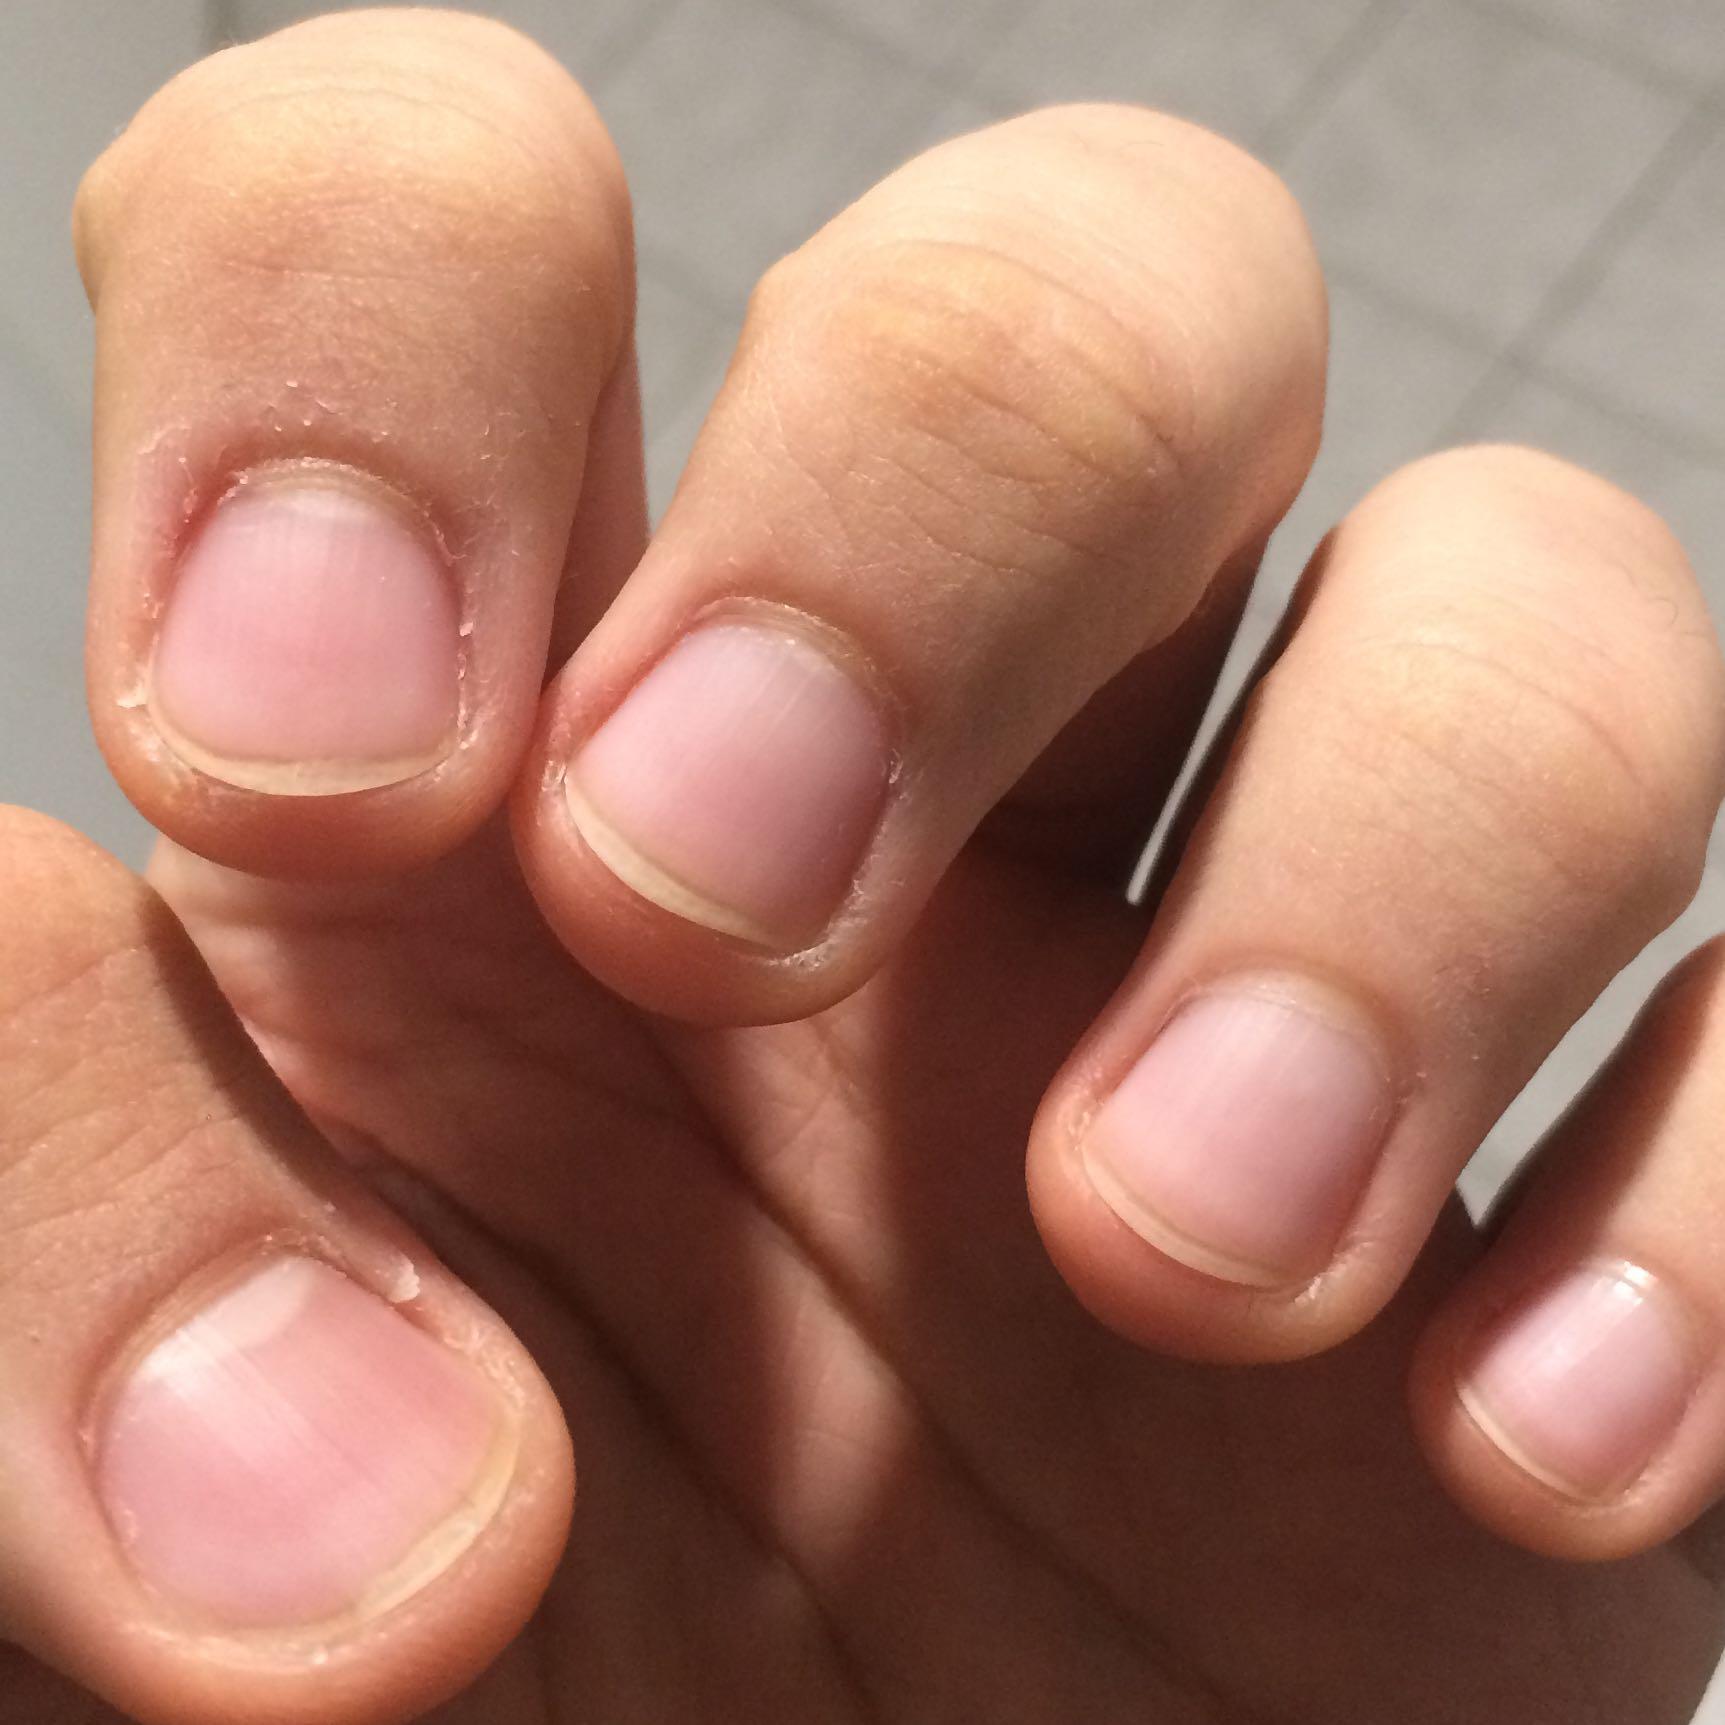 Sollte ich meinte Nägel schneiden? (Fingernägel, Lang)